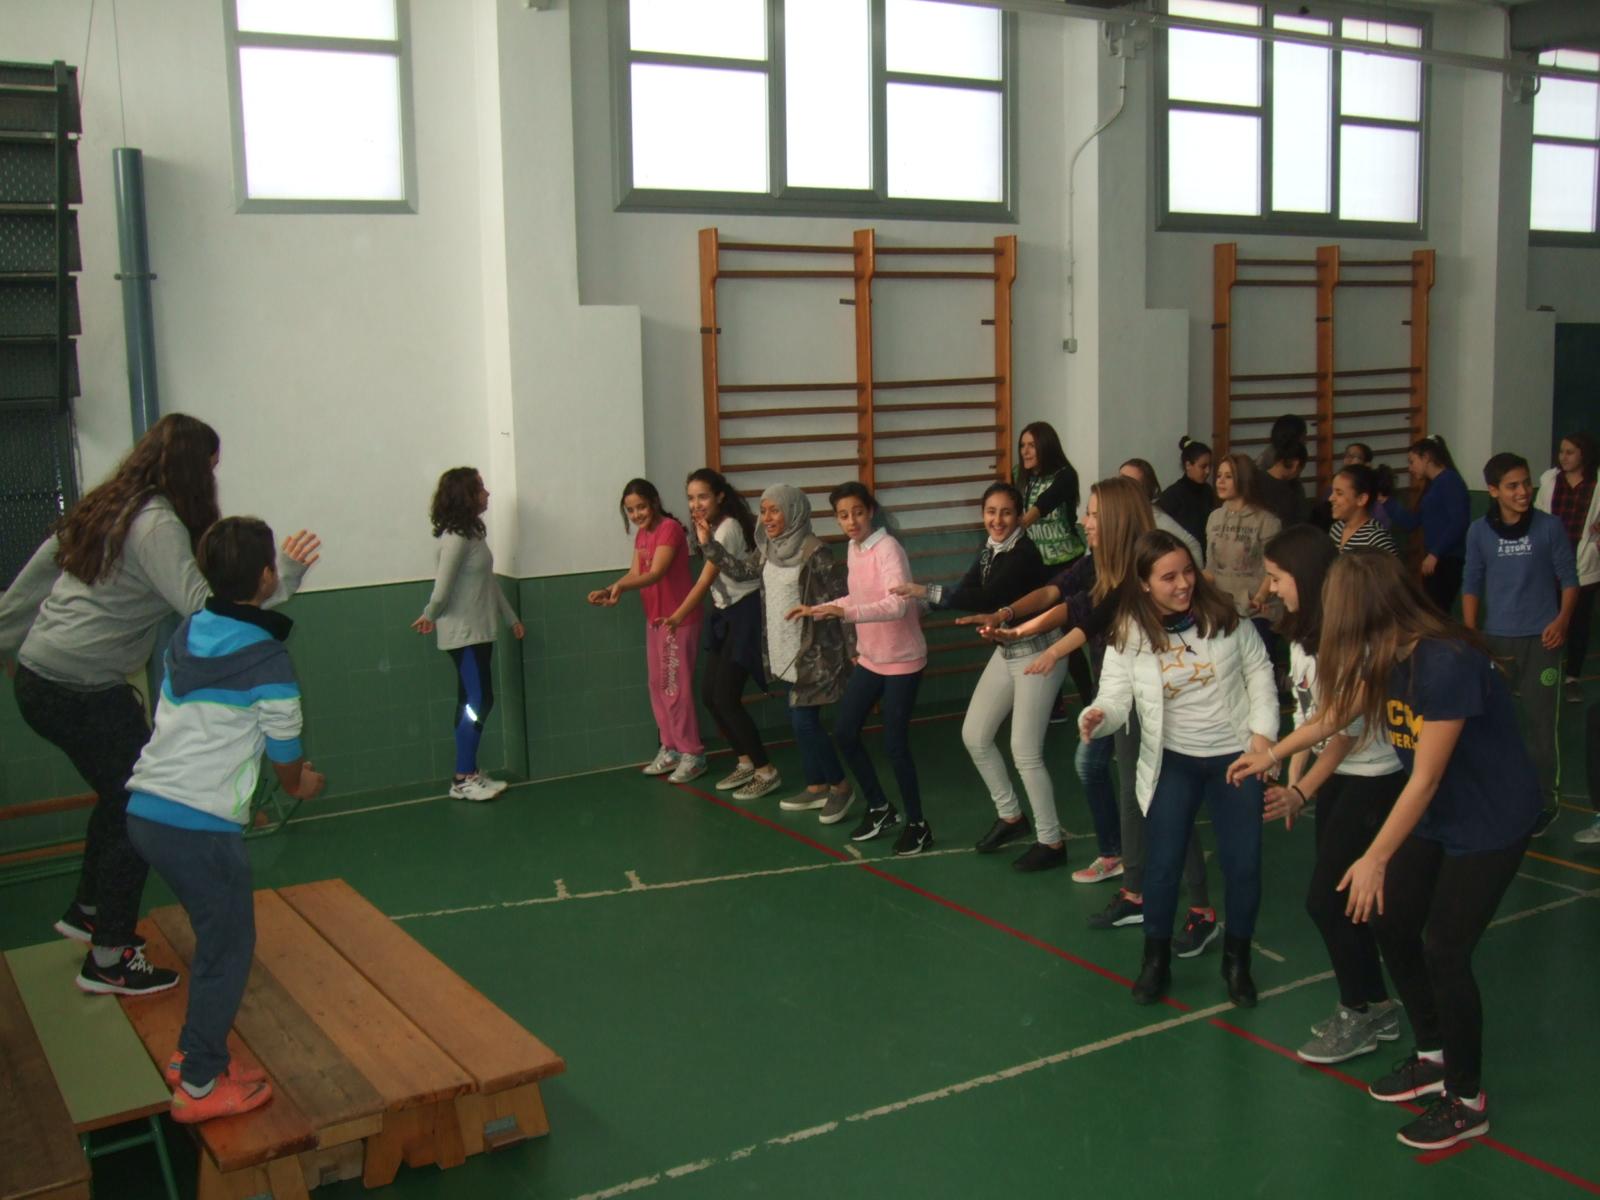 Velez Sport Center